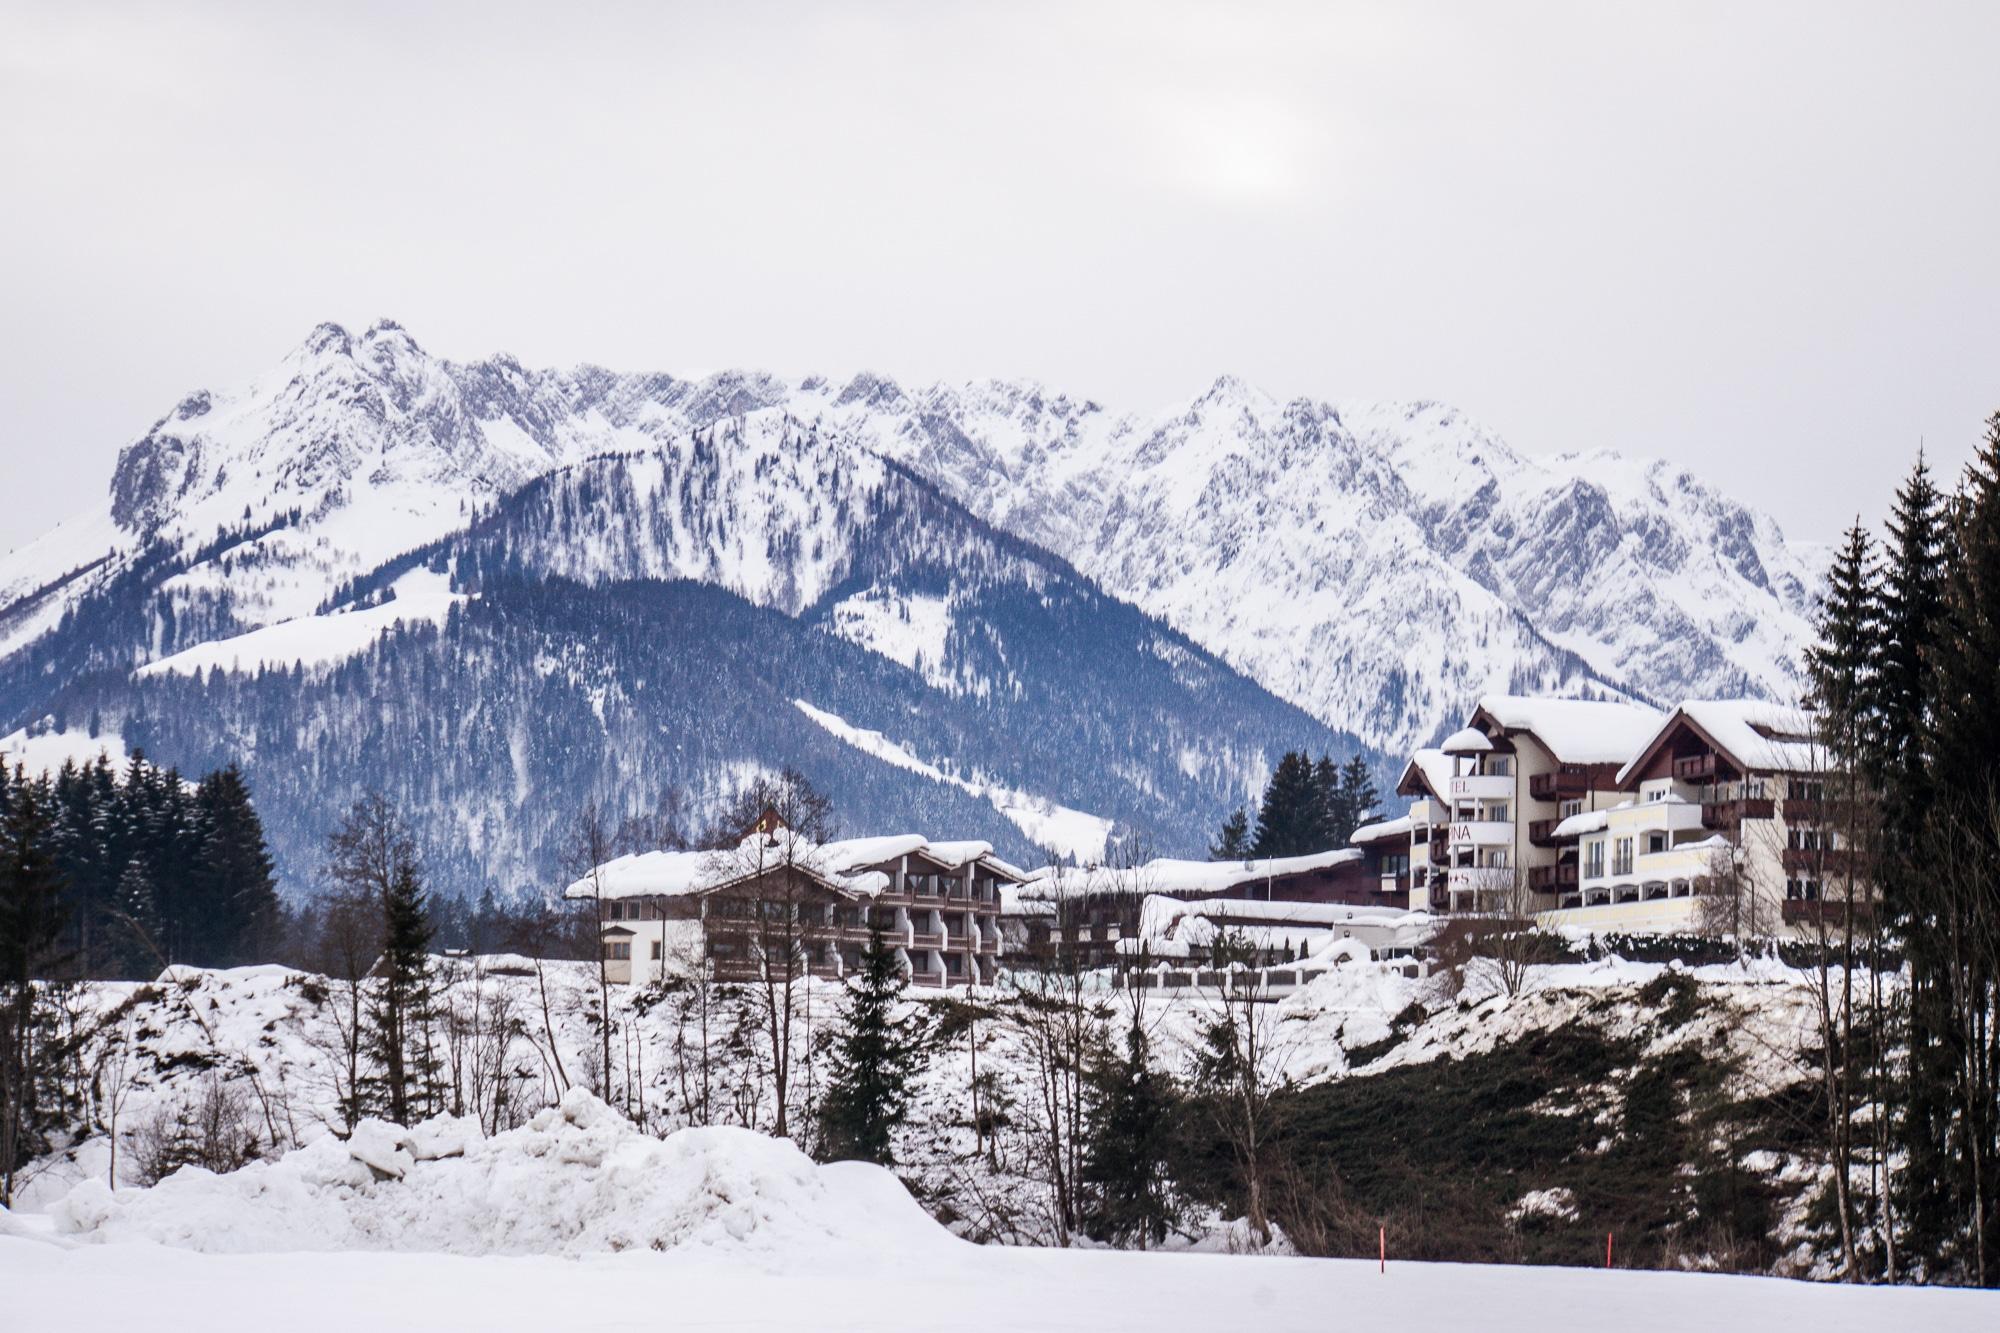 Kaiserwinkl Skiurlaub: Tipps zum Skifahren, Langlauf & andere Highlights